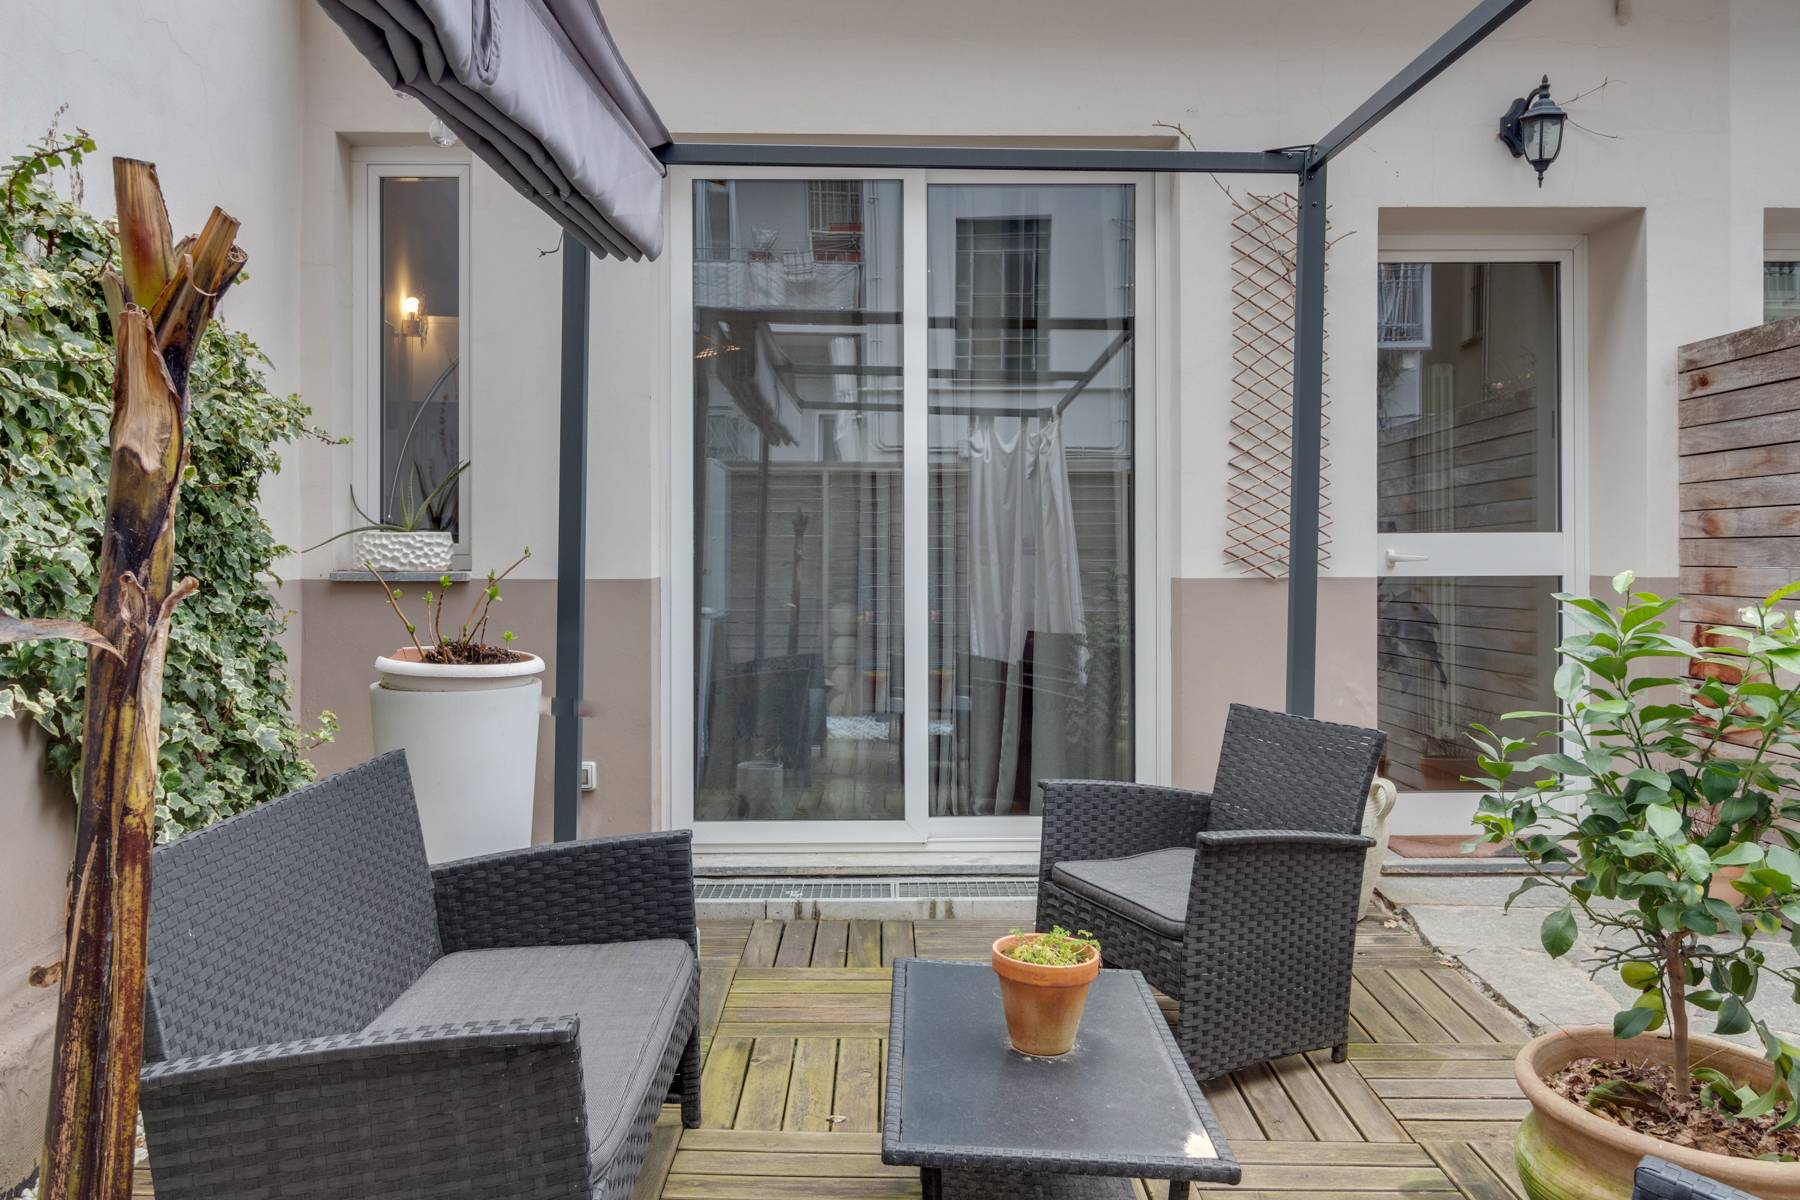 Appartamento in Vendita a Torino: 3 locali, 70 mq - Foto 13